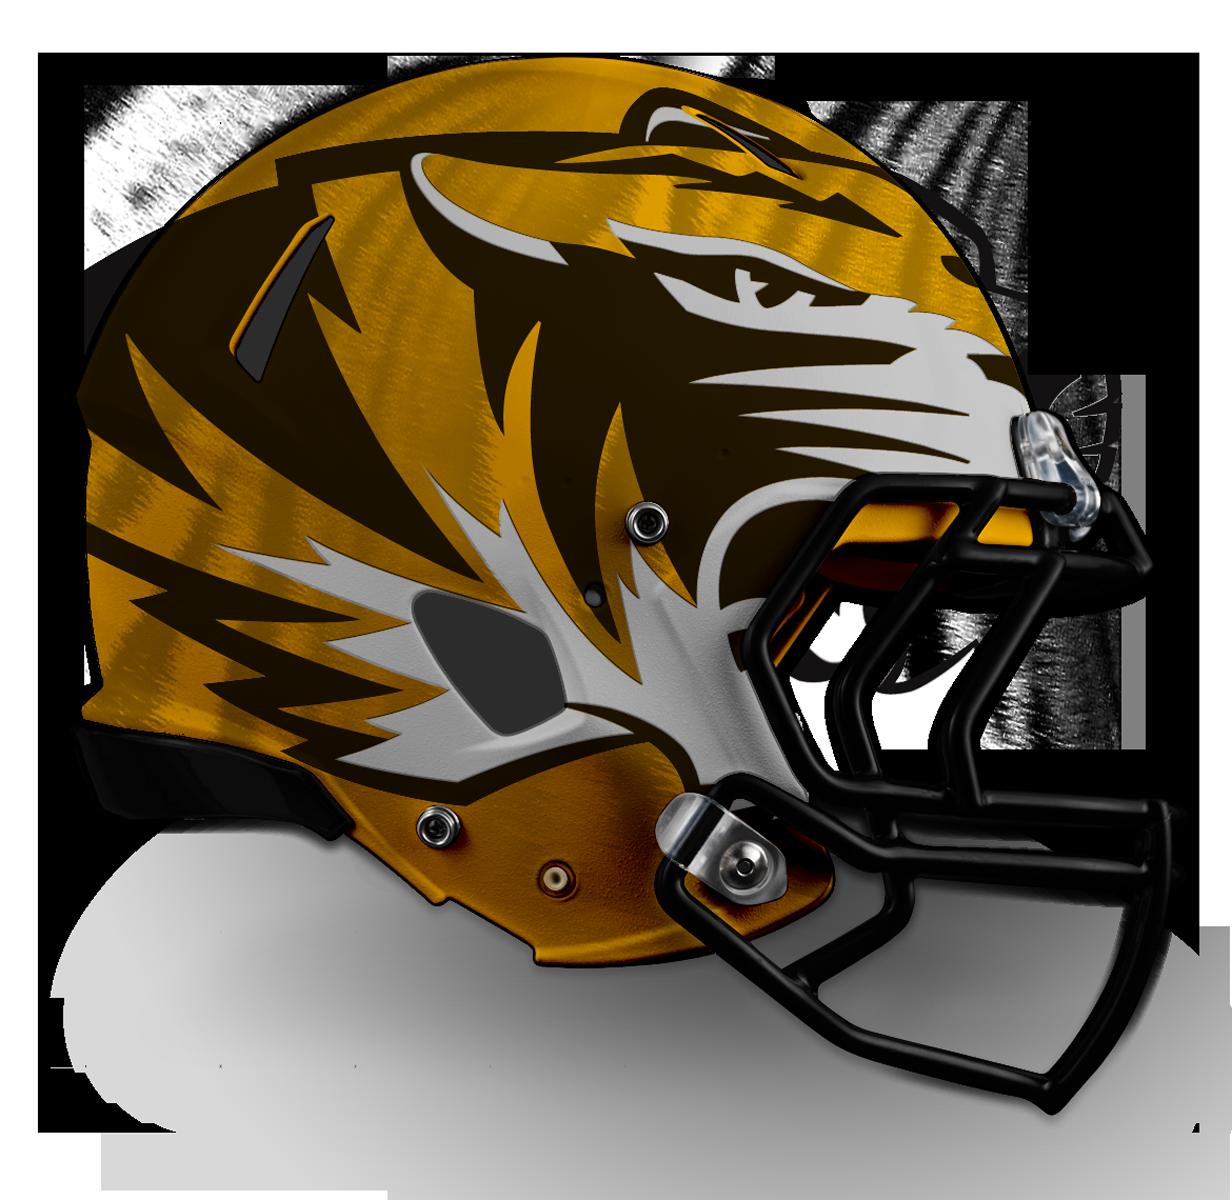 v1 - Large Tiger on Gold w/ Stripes